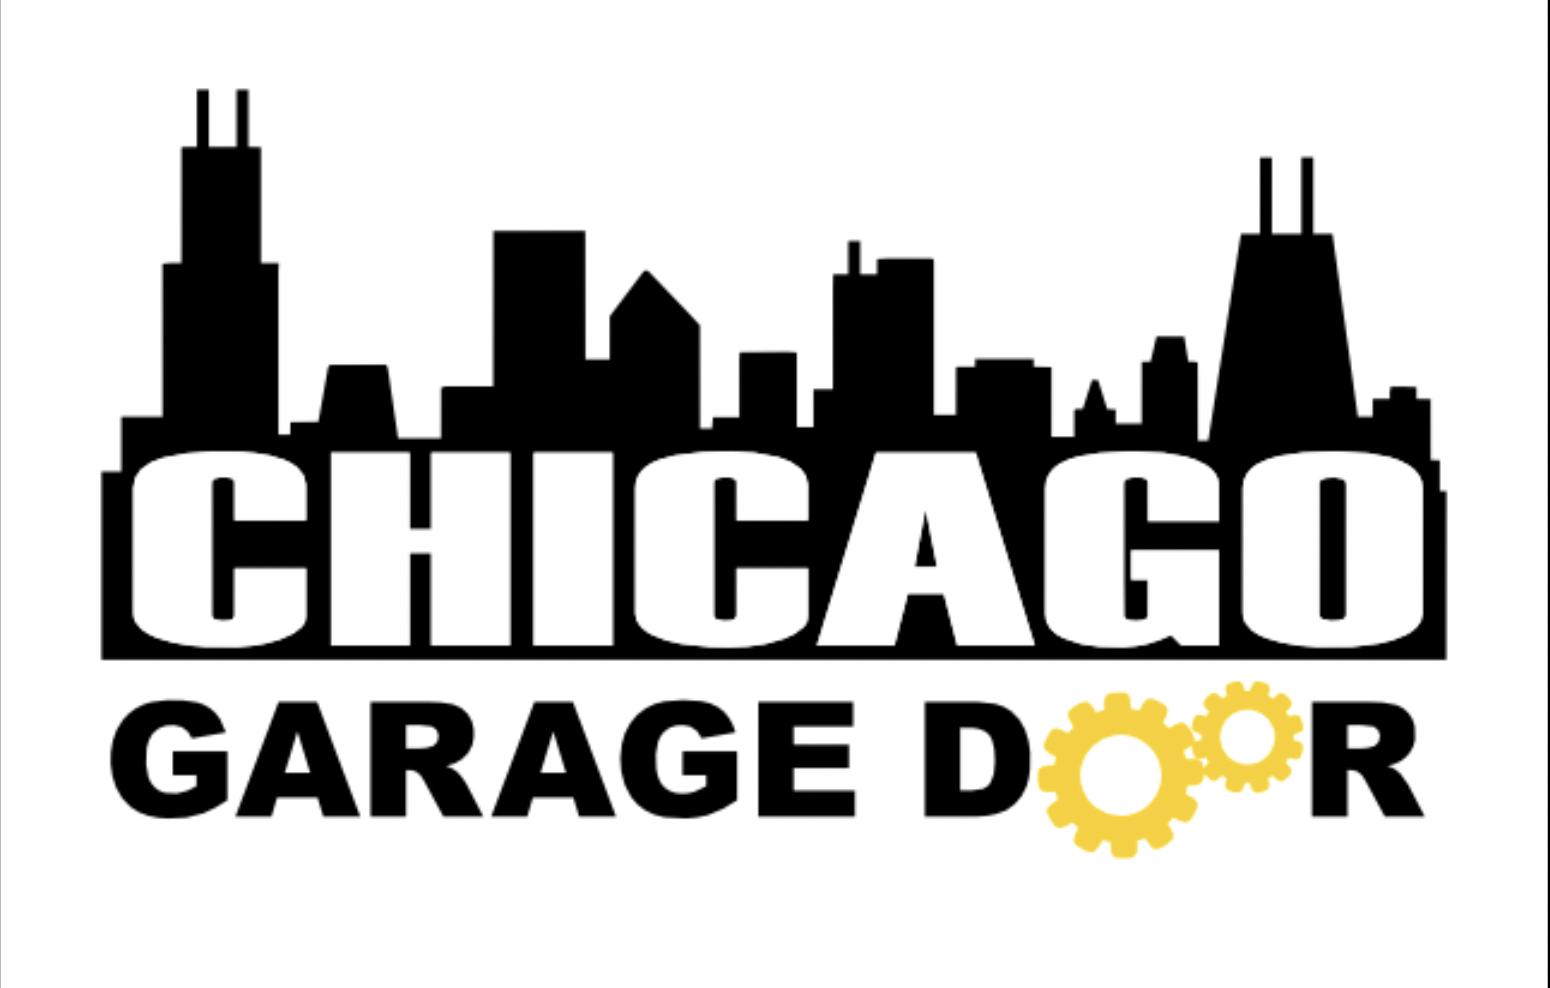 Chicago Garage Door is the Top Arlington Heights, Illinois Garage Door Expert to Call